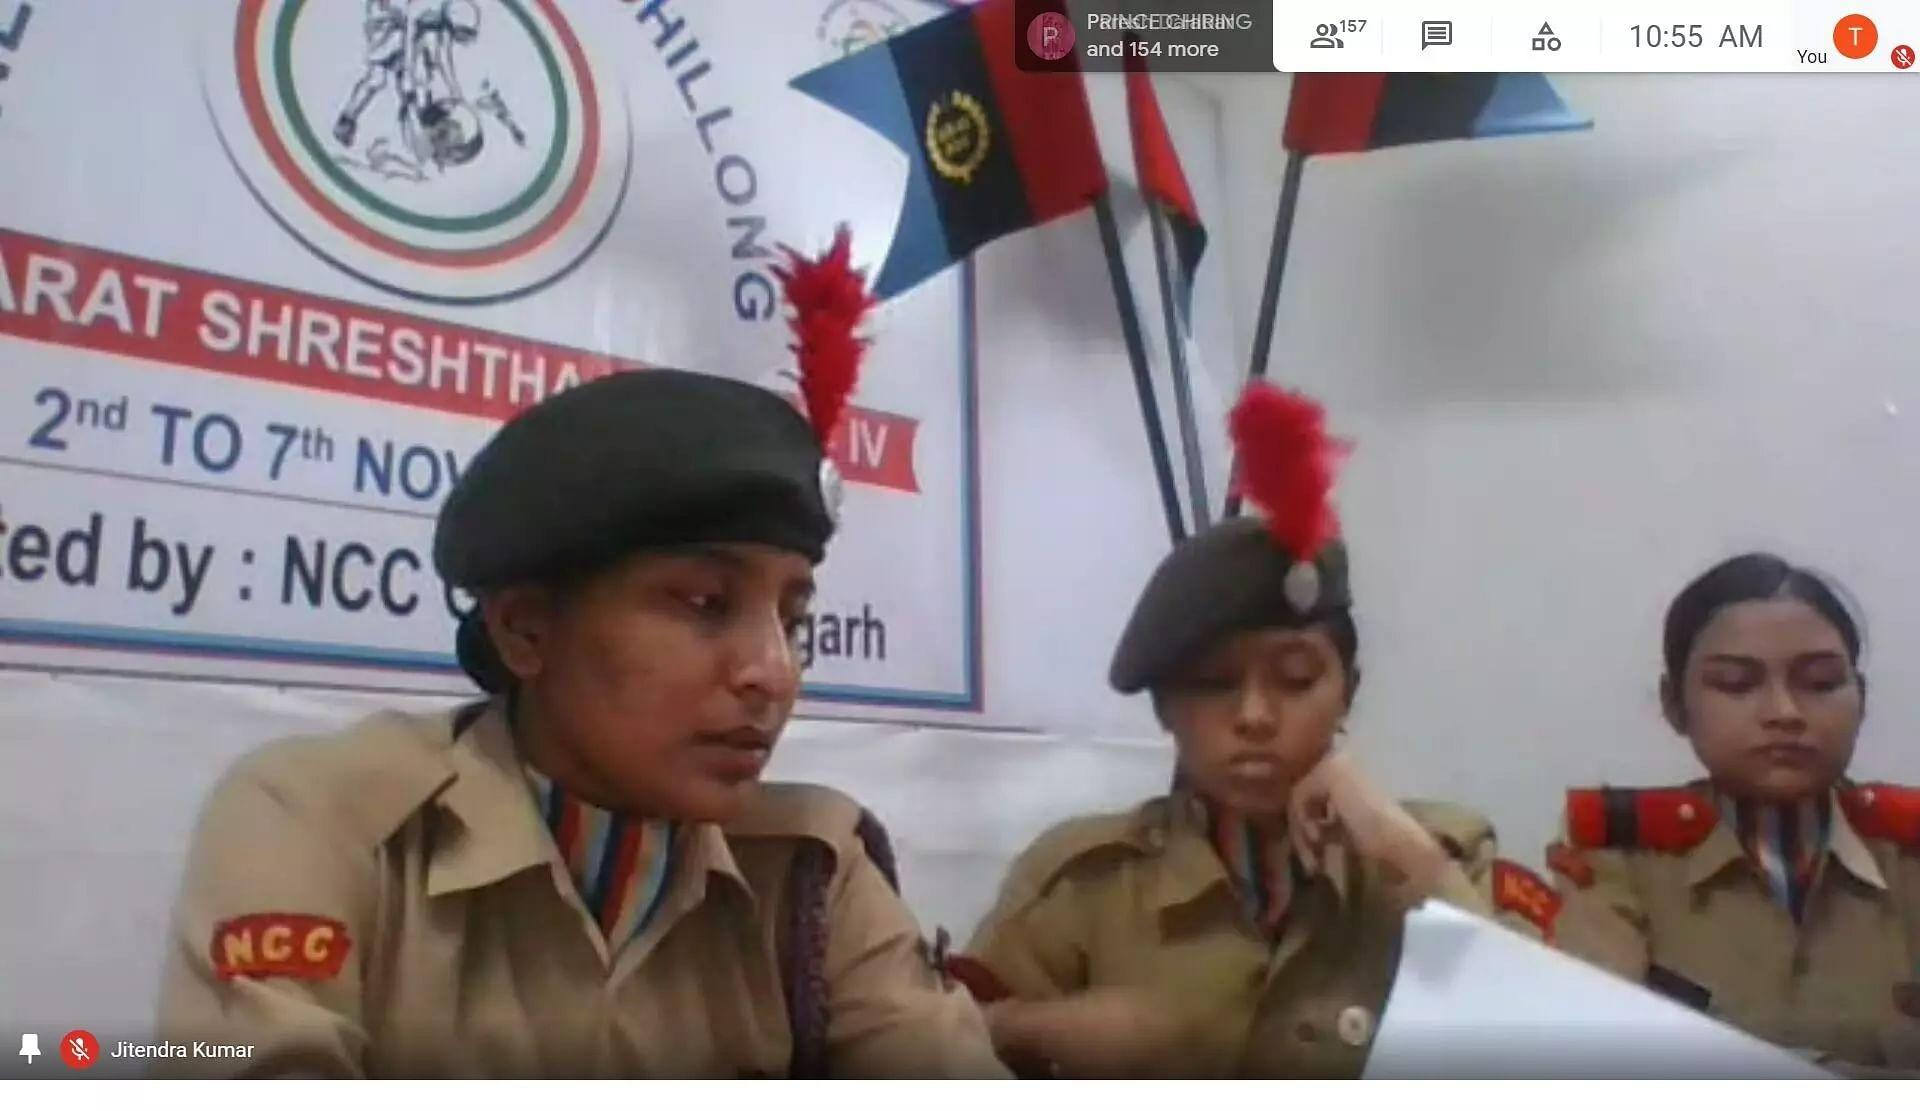 Ek Bharat Shresth Bharat